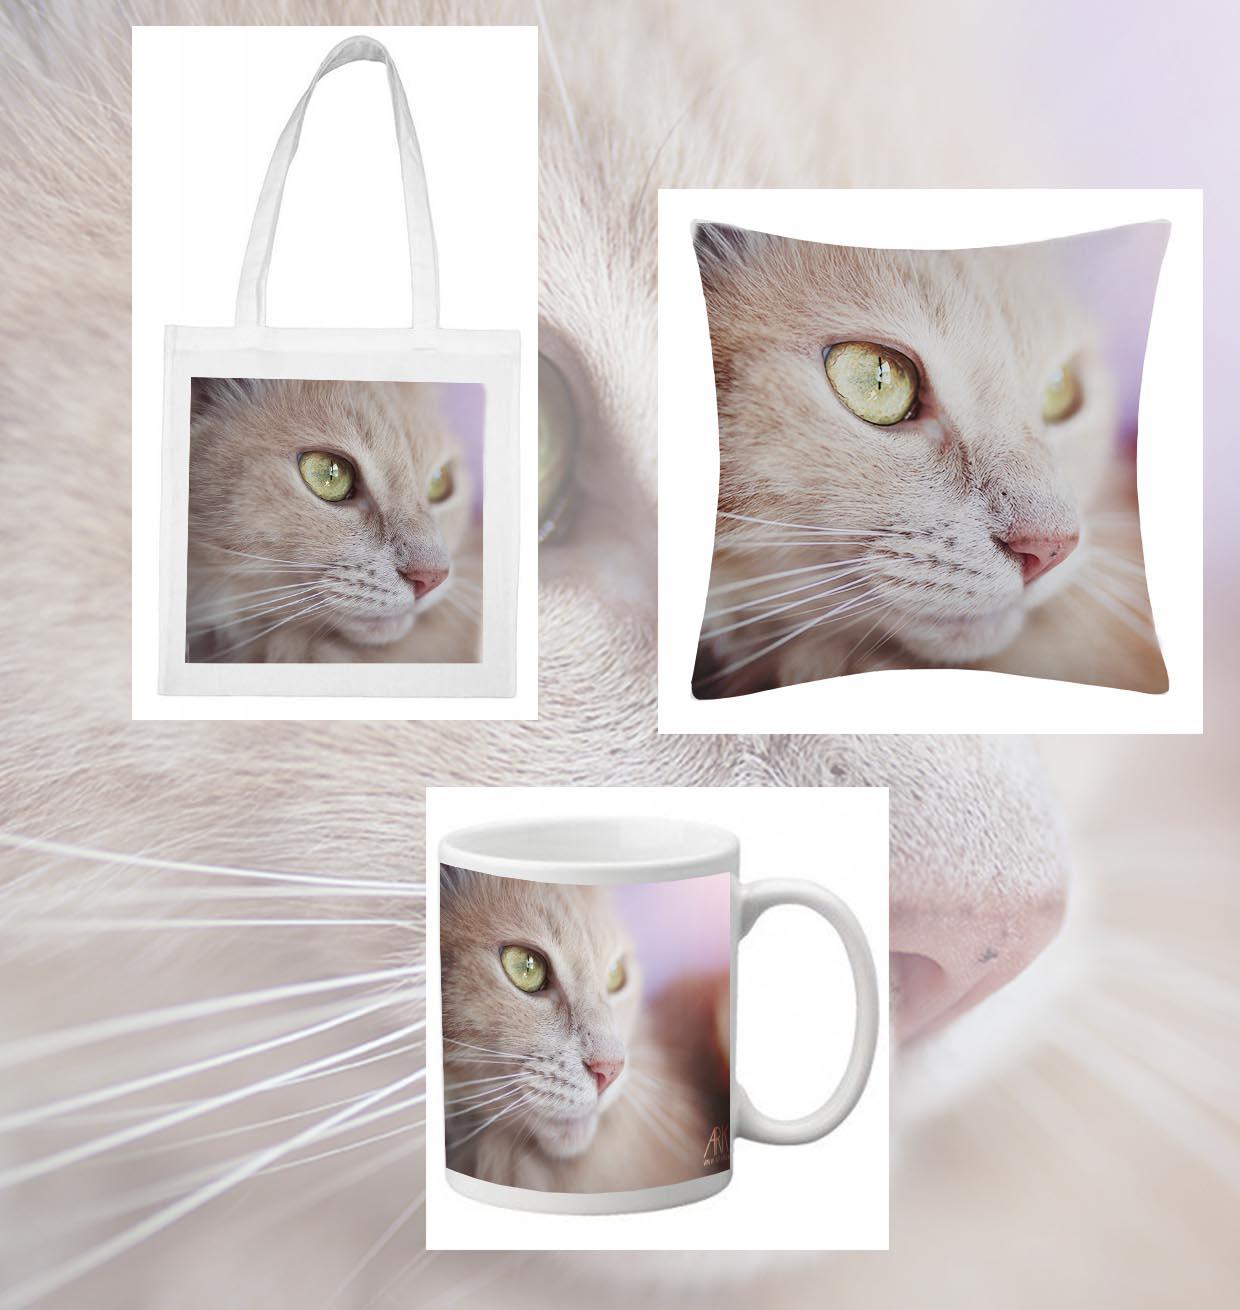 photographe à domicile anmalière animaux de compagnie photo sur mug coussin sac tote bag toile poster livre plaid porte clés